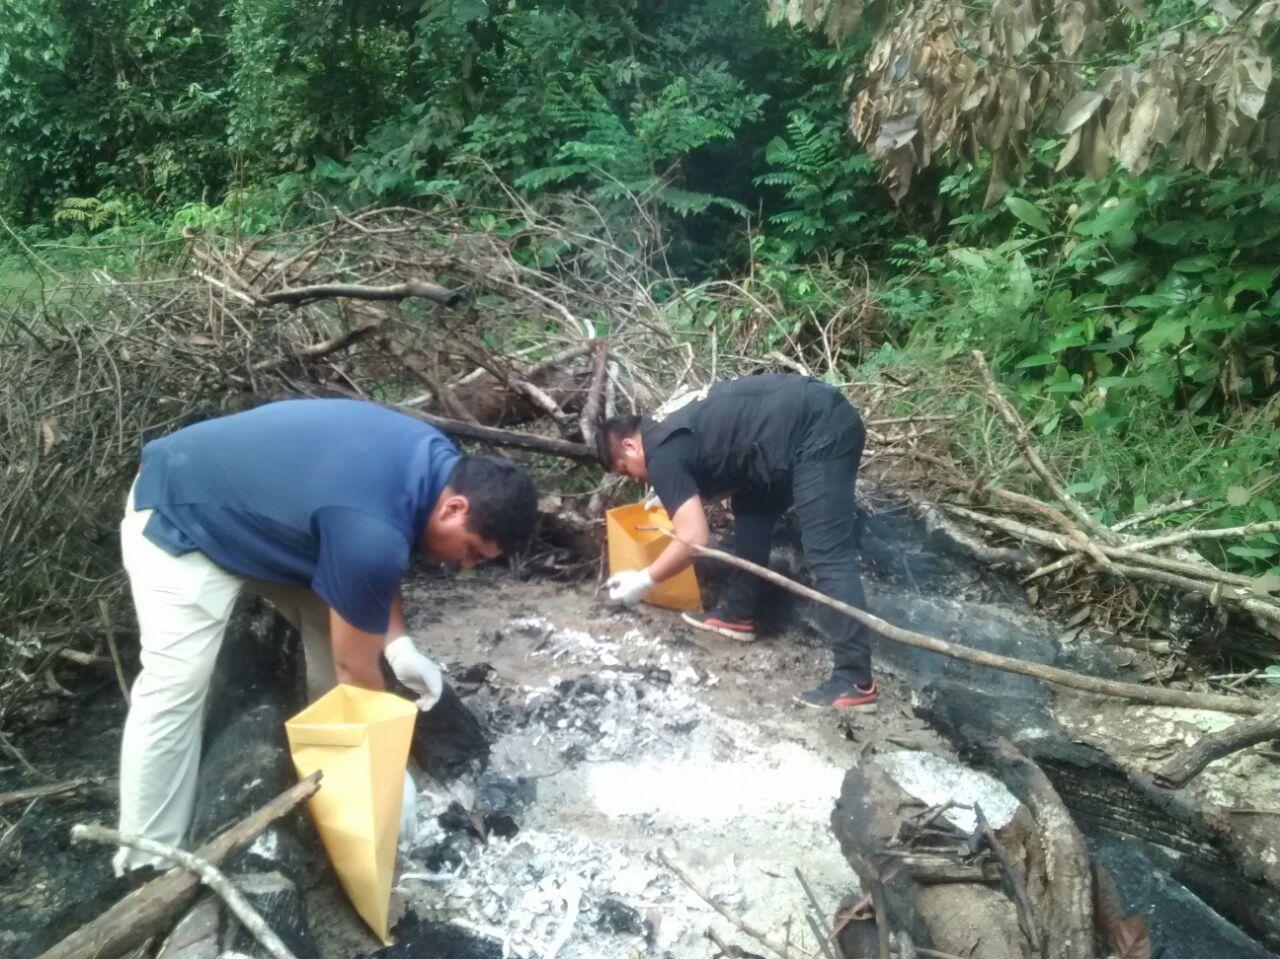 FOTO 10 - El quemadero, lugar donde incineraban a sus victimas, la banda criminal, Los Sanguinarios de la Pampa.